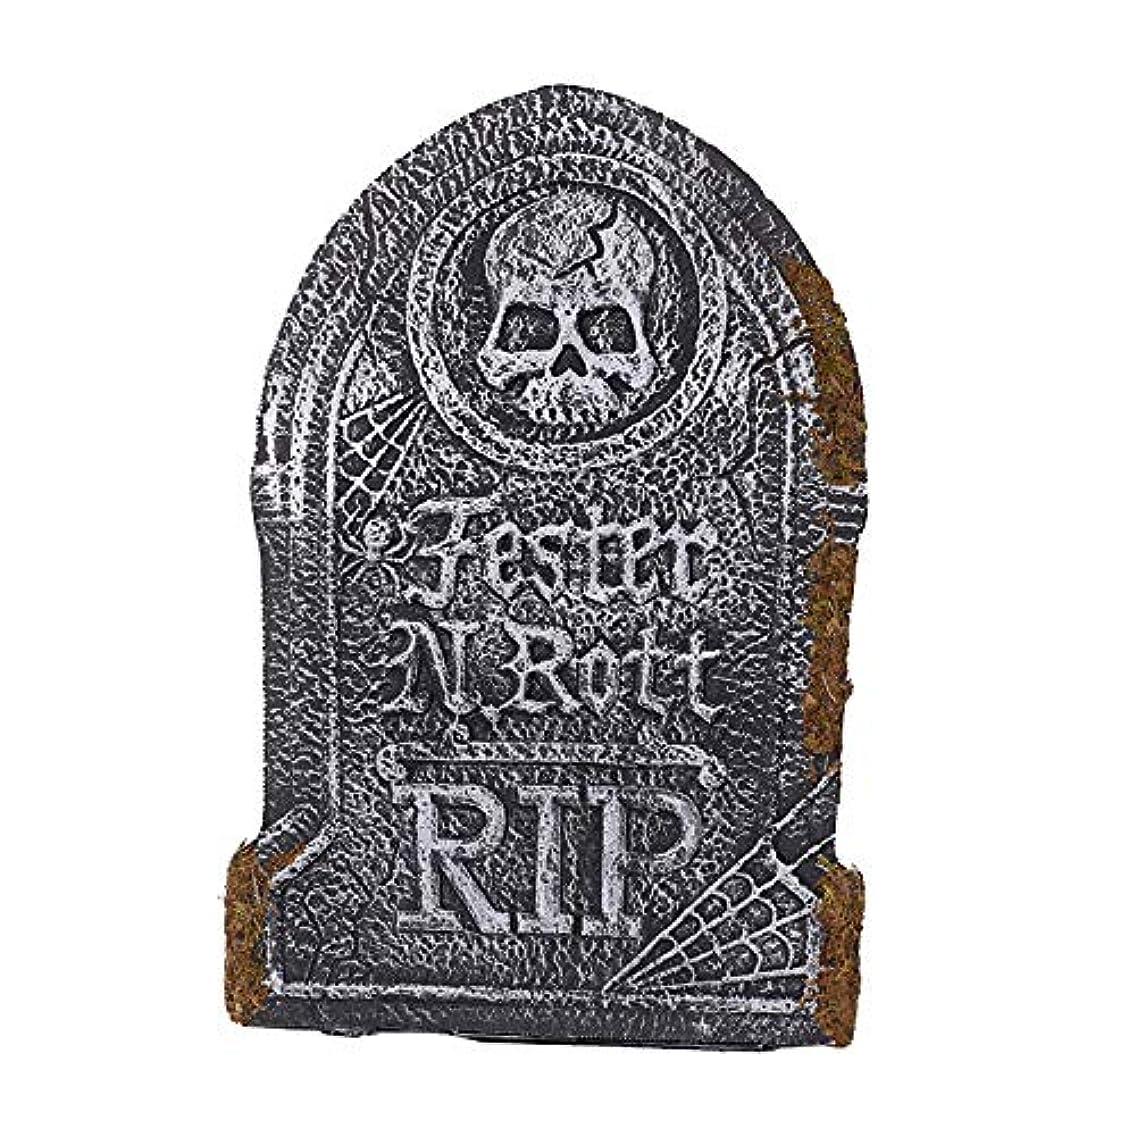 深遠四半期相関するETRRUU HOME 三次元墓石ハロウィーン怖いトリッキーな装飾バーKTホラー雰囲気の装飾写真の小道具